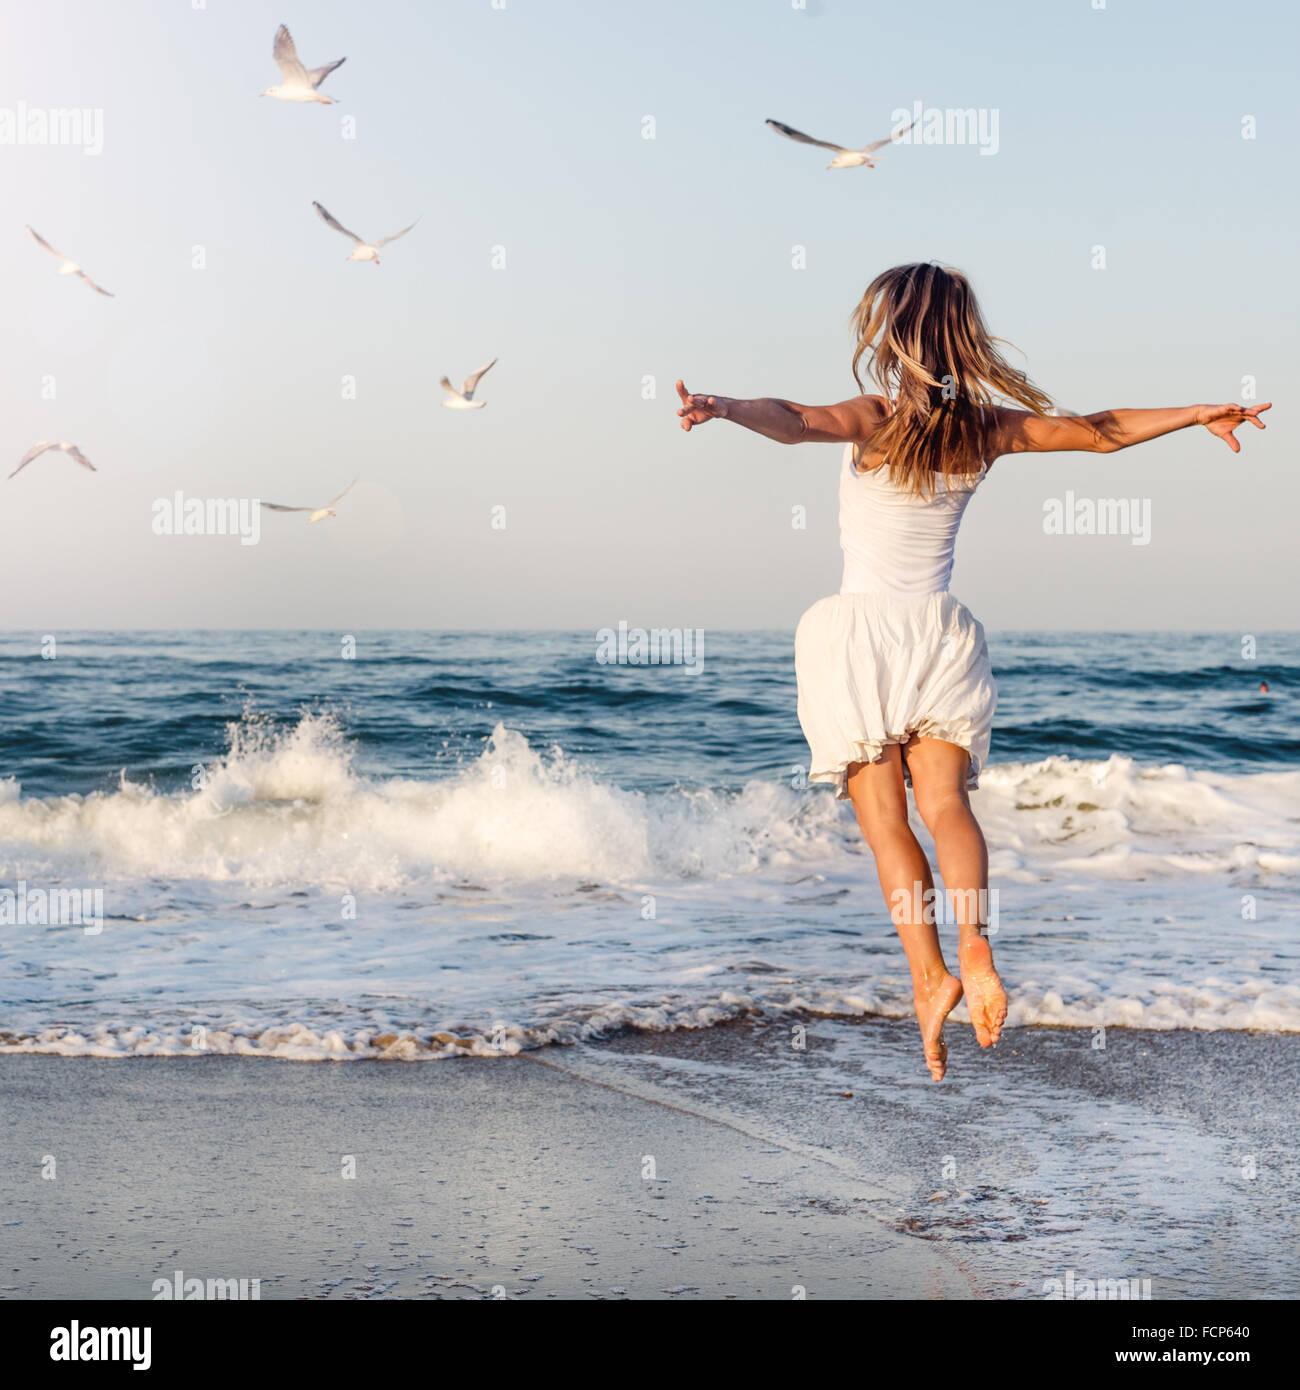 Schöne Mädchen am Meer springen Stockbild